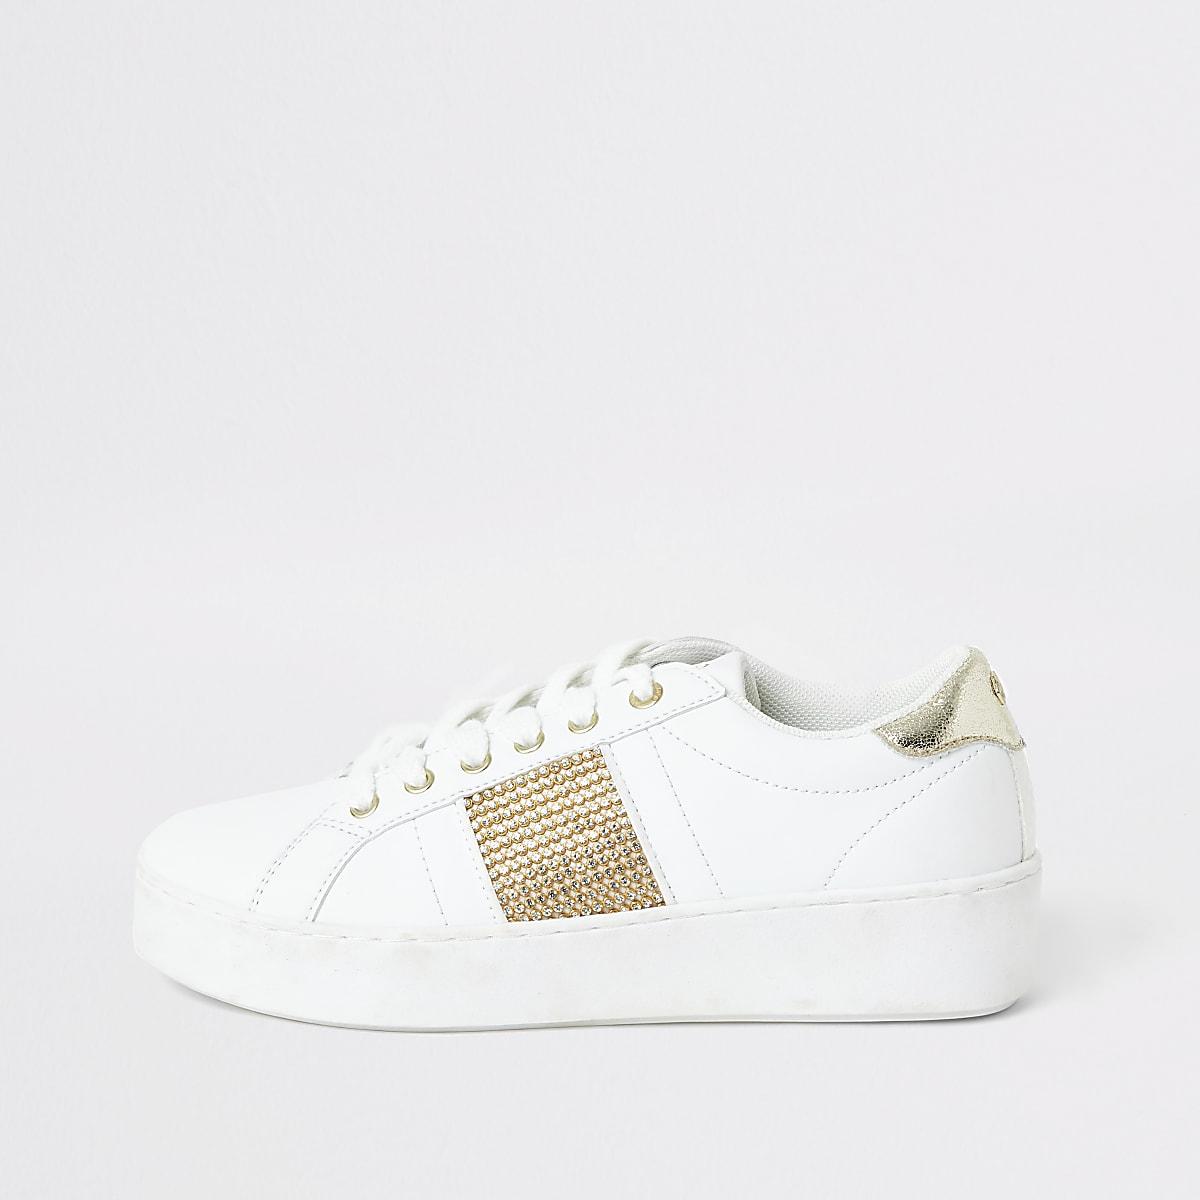 Witte sneaker met strepen van siersteentjes aan de zijkant